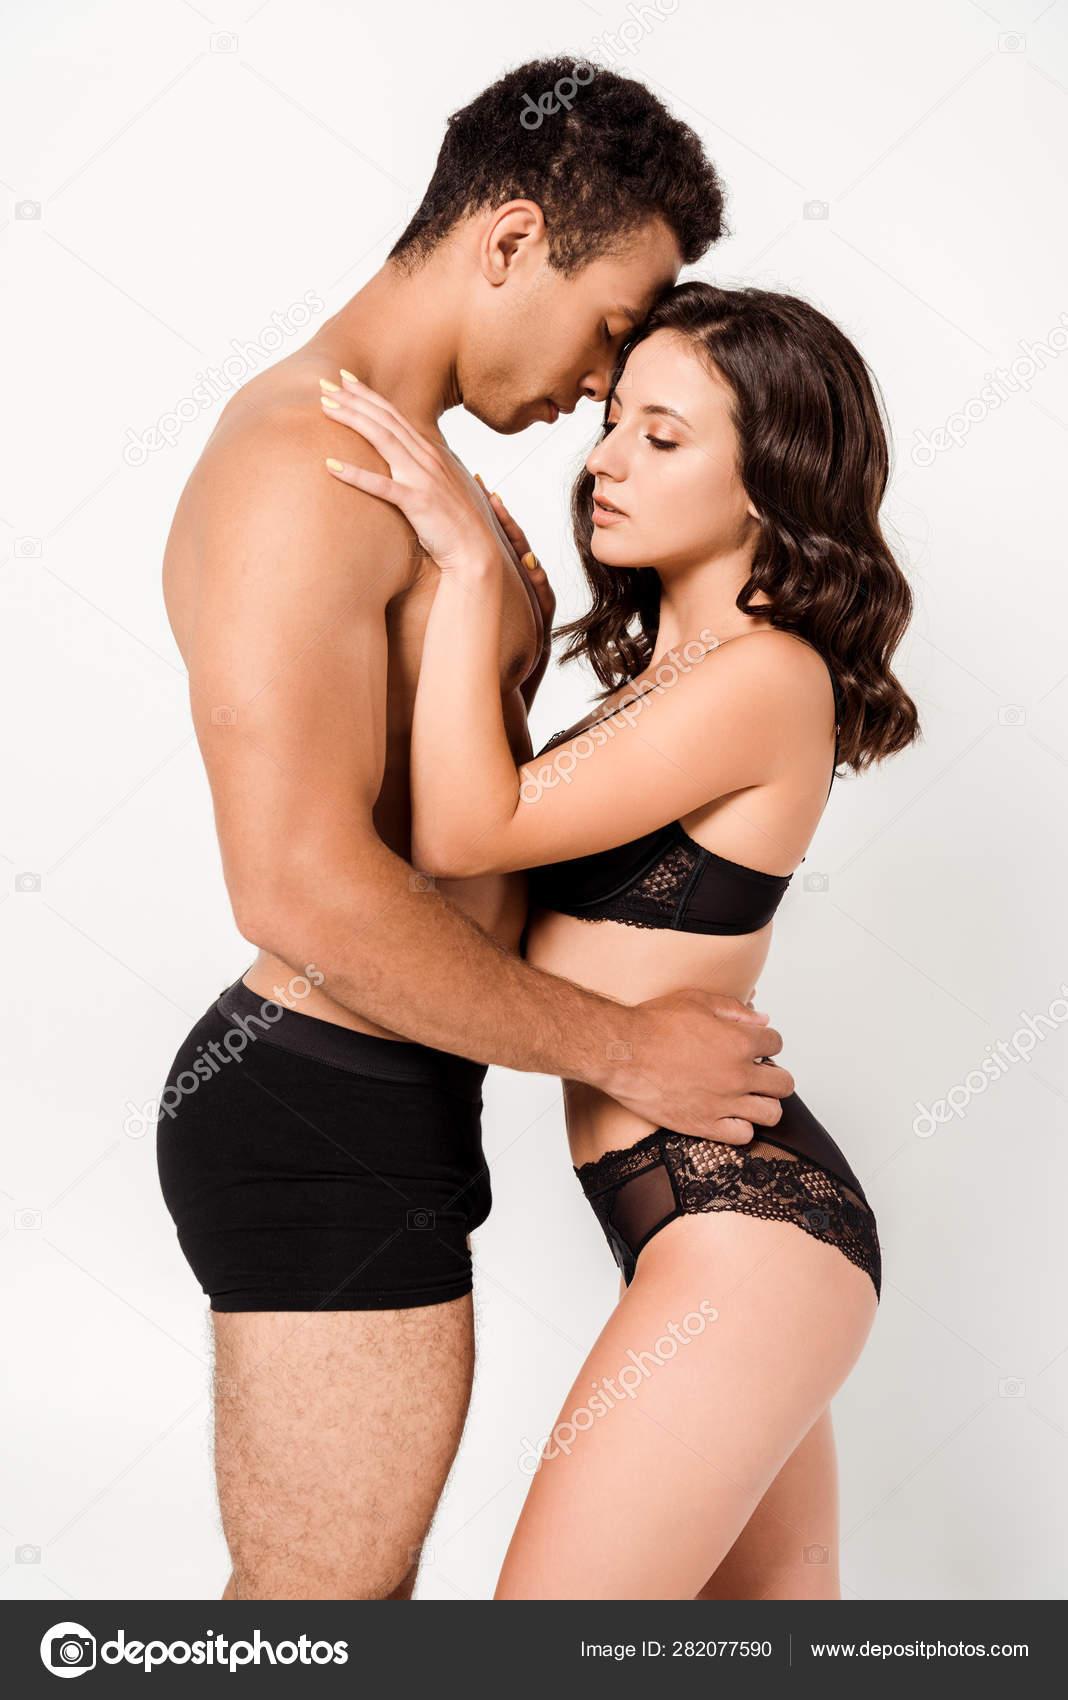 Ταχύτητα dating Λίβερπουλ ελίτ